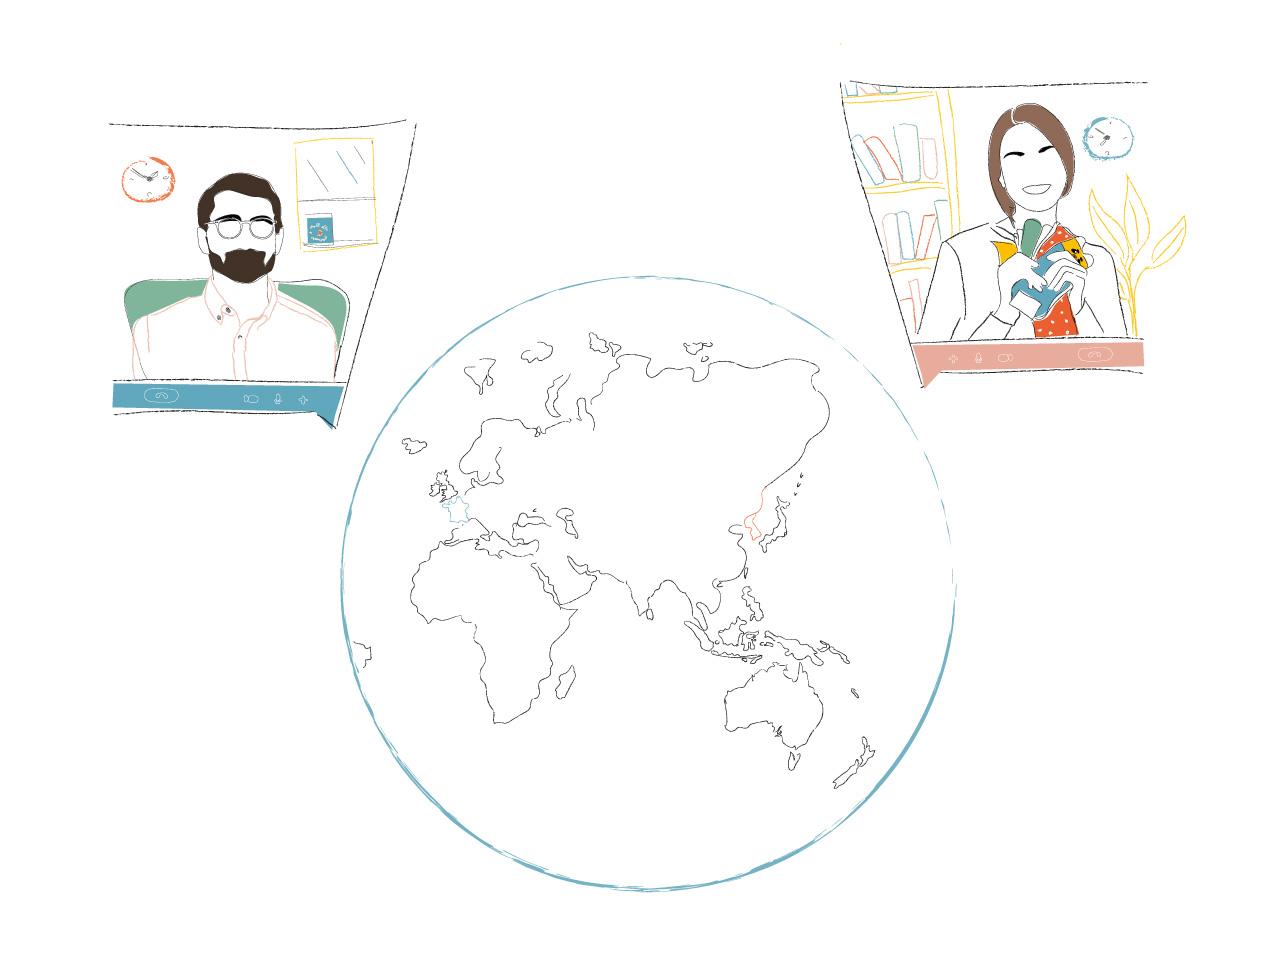 Comment créer son entreprise - illustration histoire Lisa 11